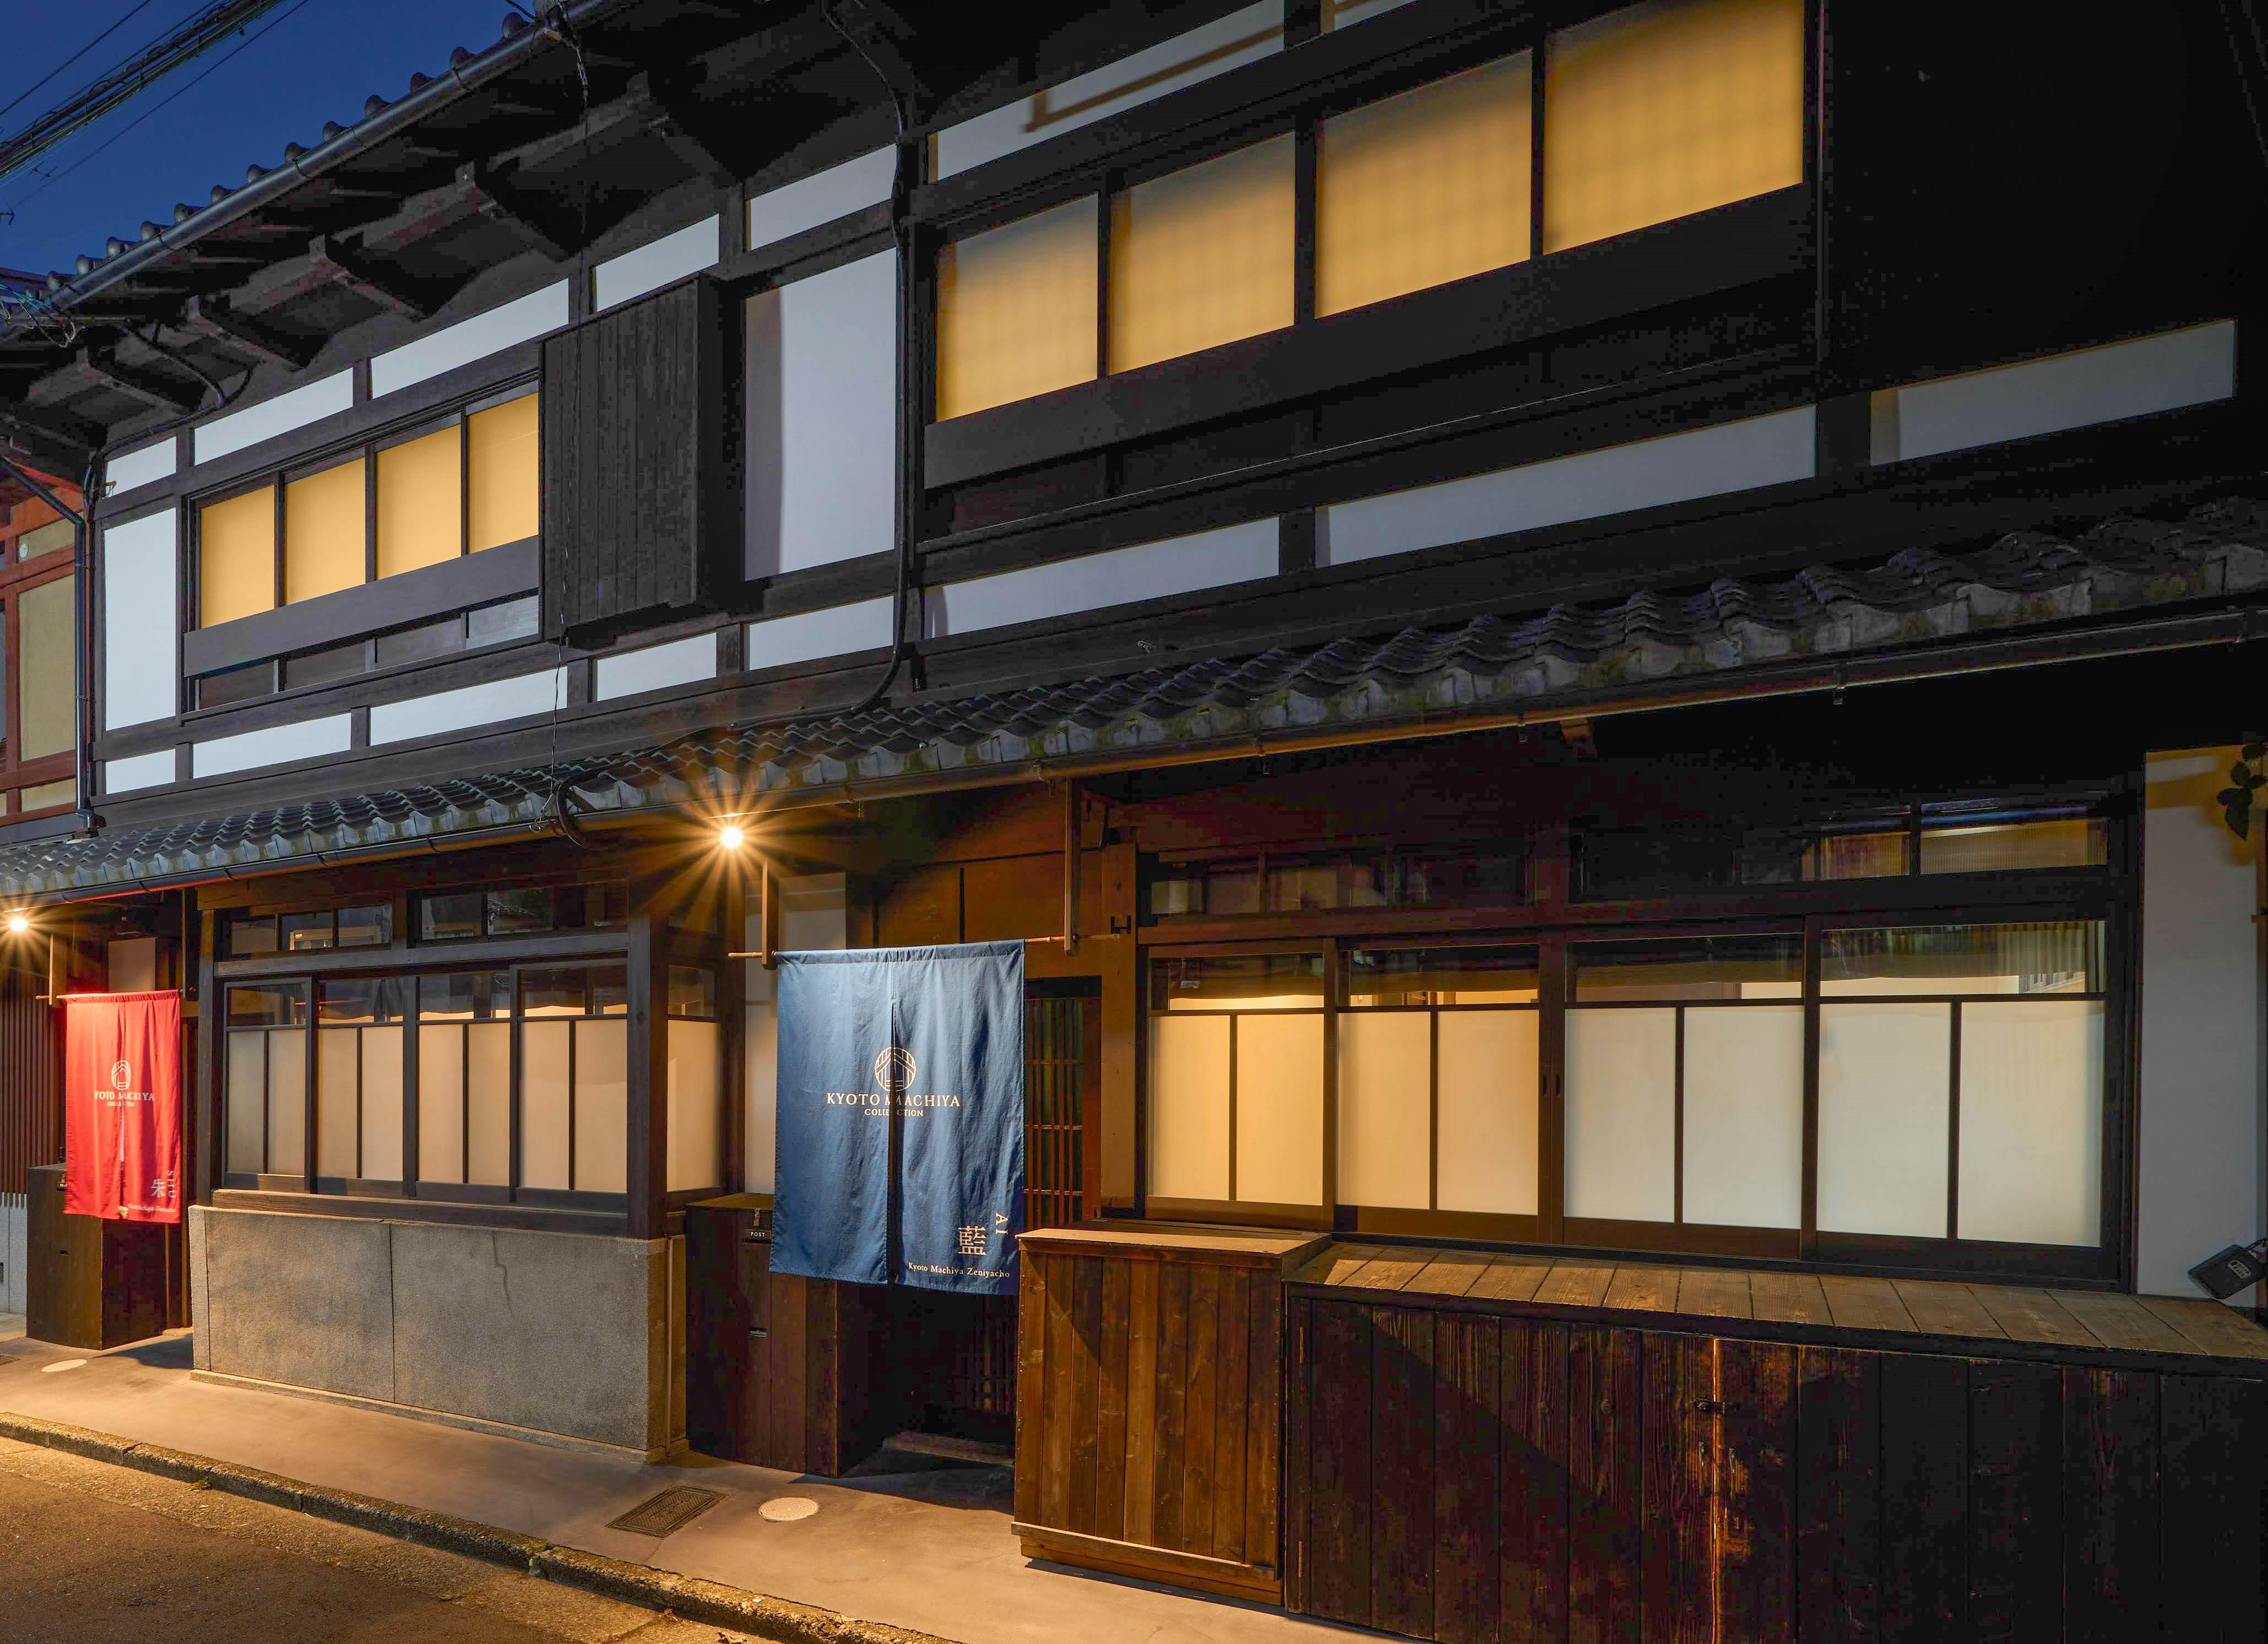 季楽 京都 銭屋町 image